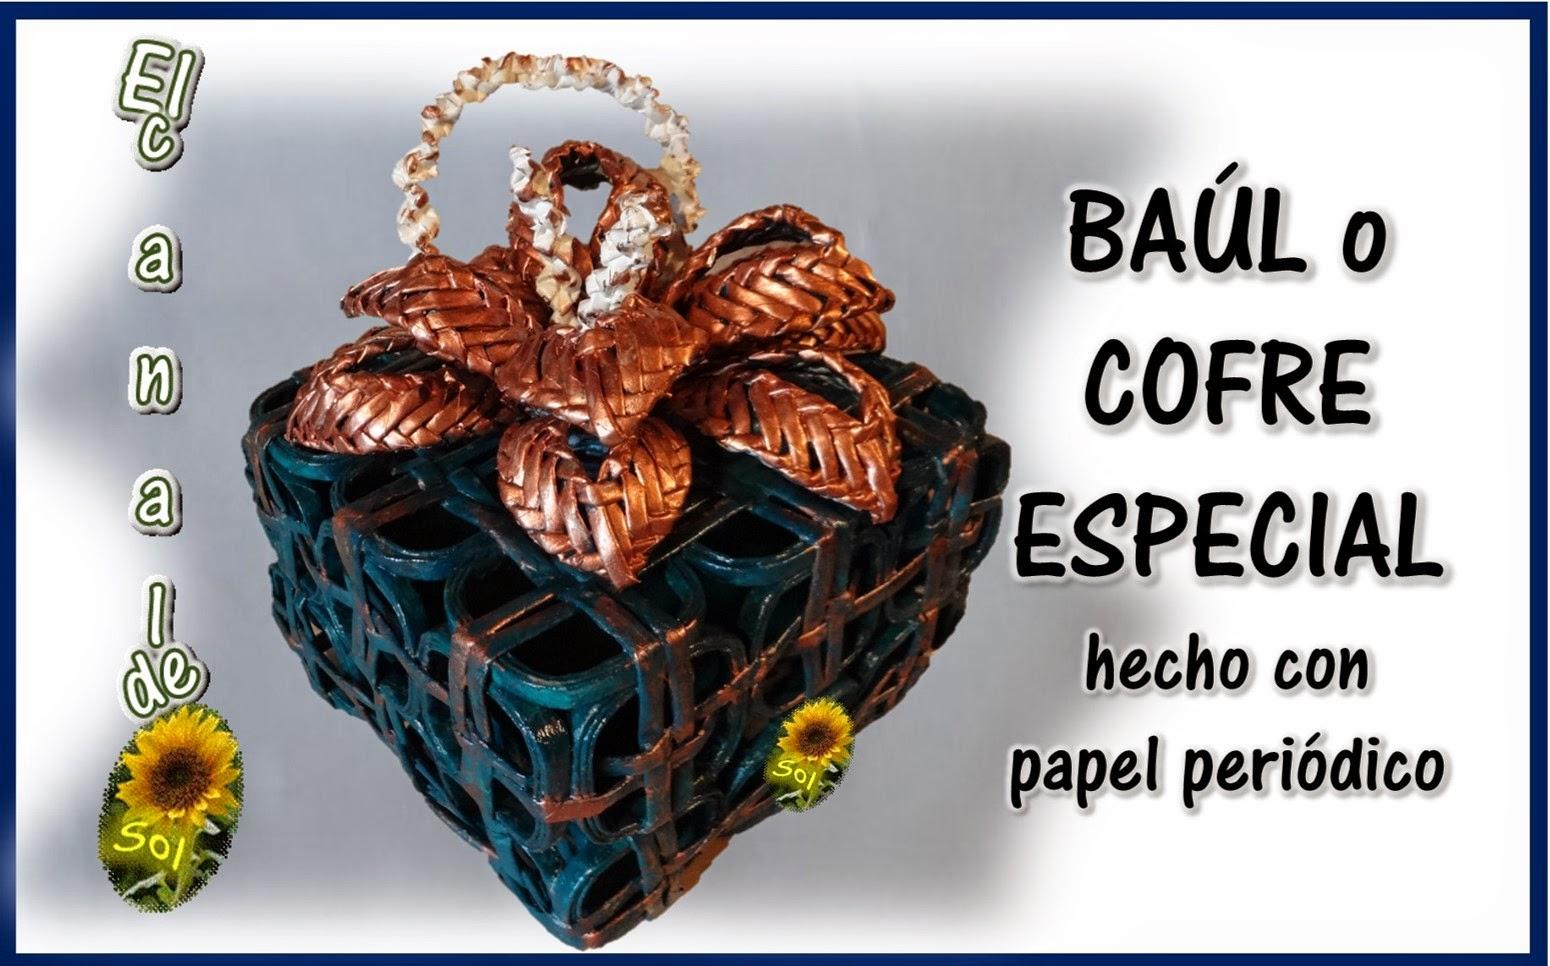 BAUL O COFRE ESPECIAL Hecho Con Papel Periodico